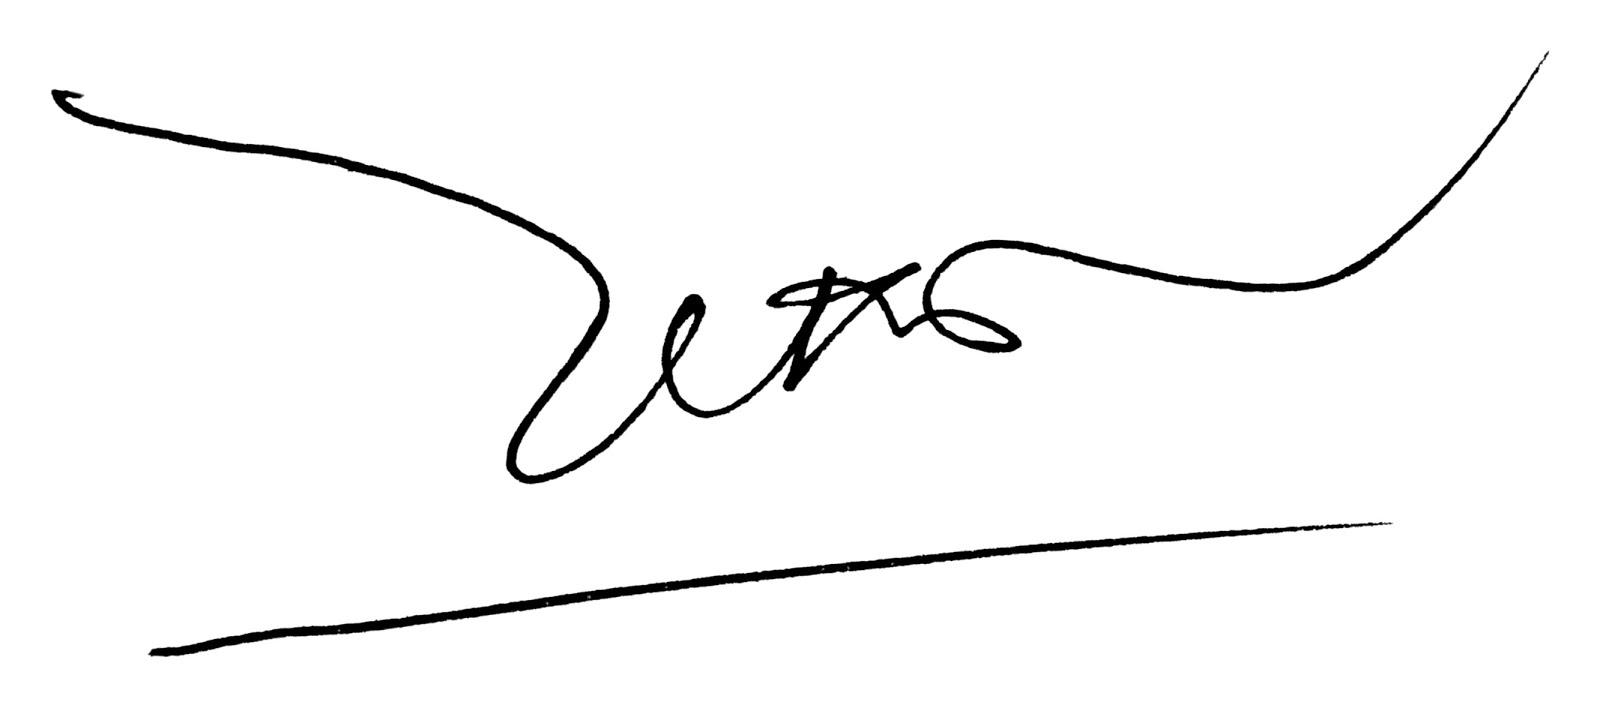 Giải mã giấc chiêm bao thấy chữ ký & nằm ngủ mơ thấy xin chữ ký